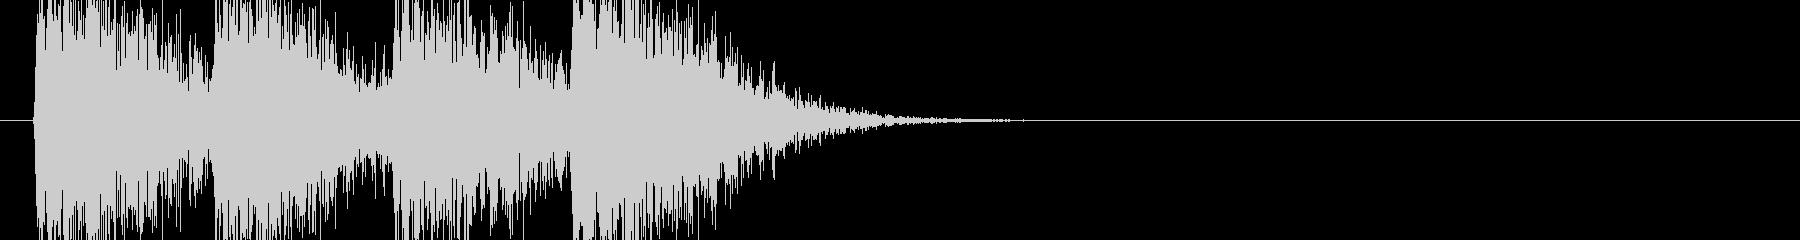 オーケストラヒット決定シーン 80年代の未再生の波形